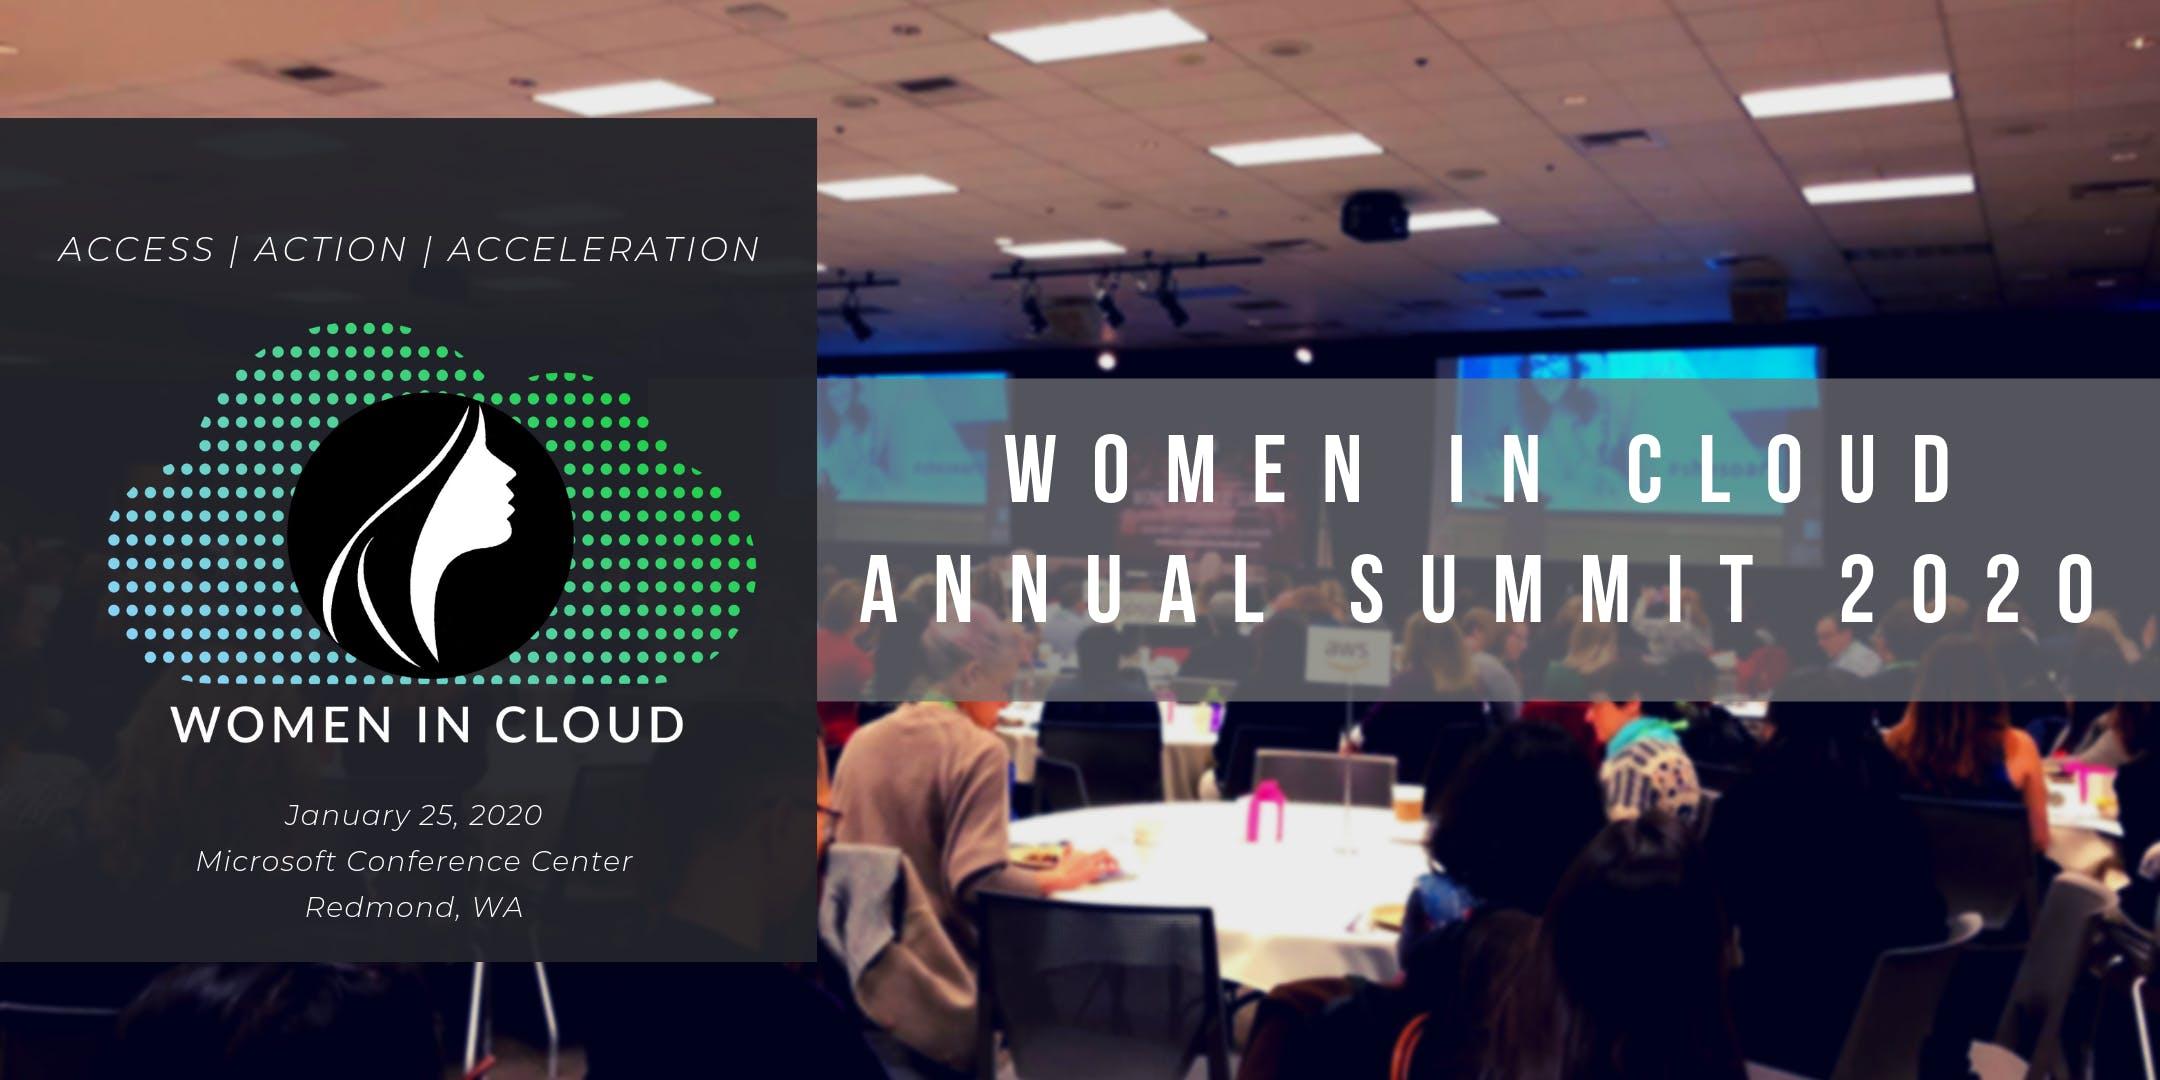 Women In Cloud Annual Summit 2020